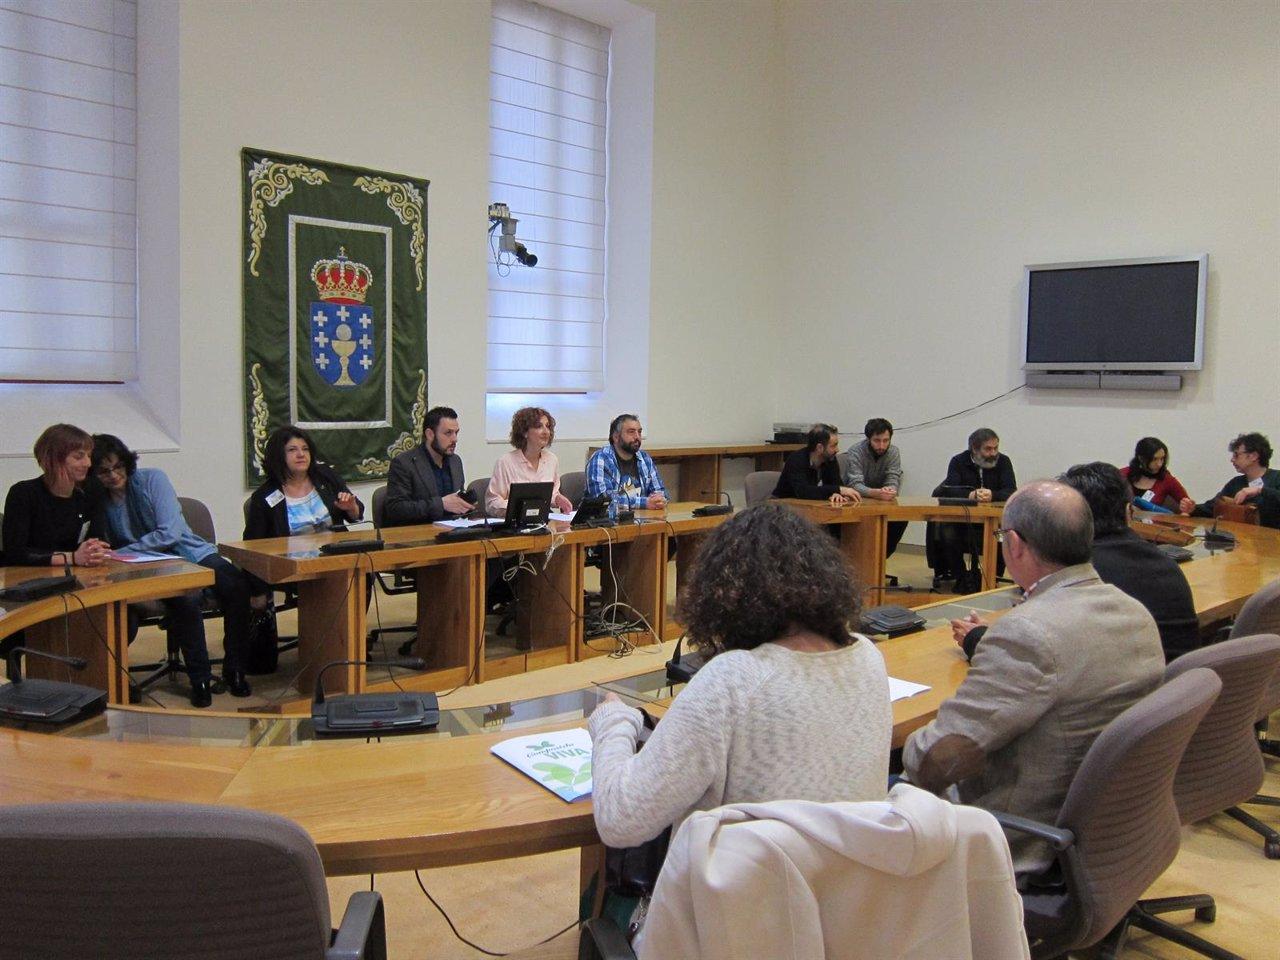 Presentación del Anteproyecto de Ley de Artes Escénicas de Galicia